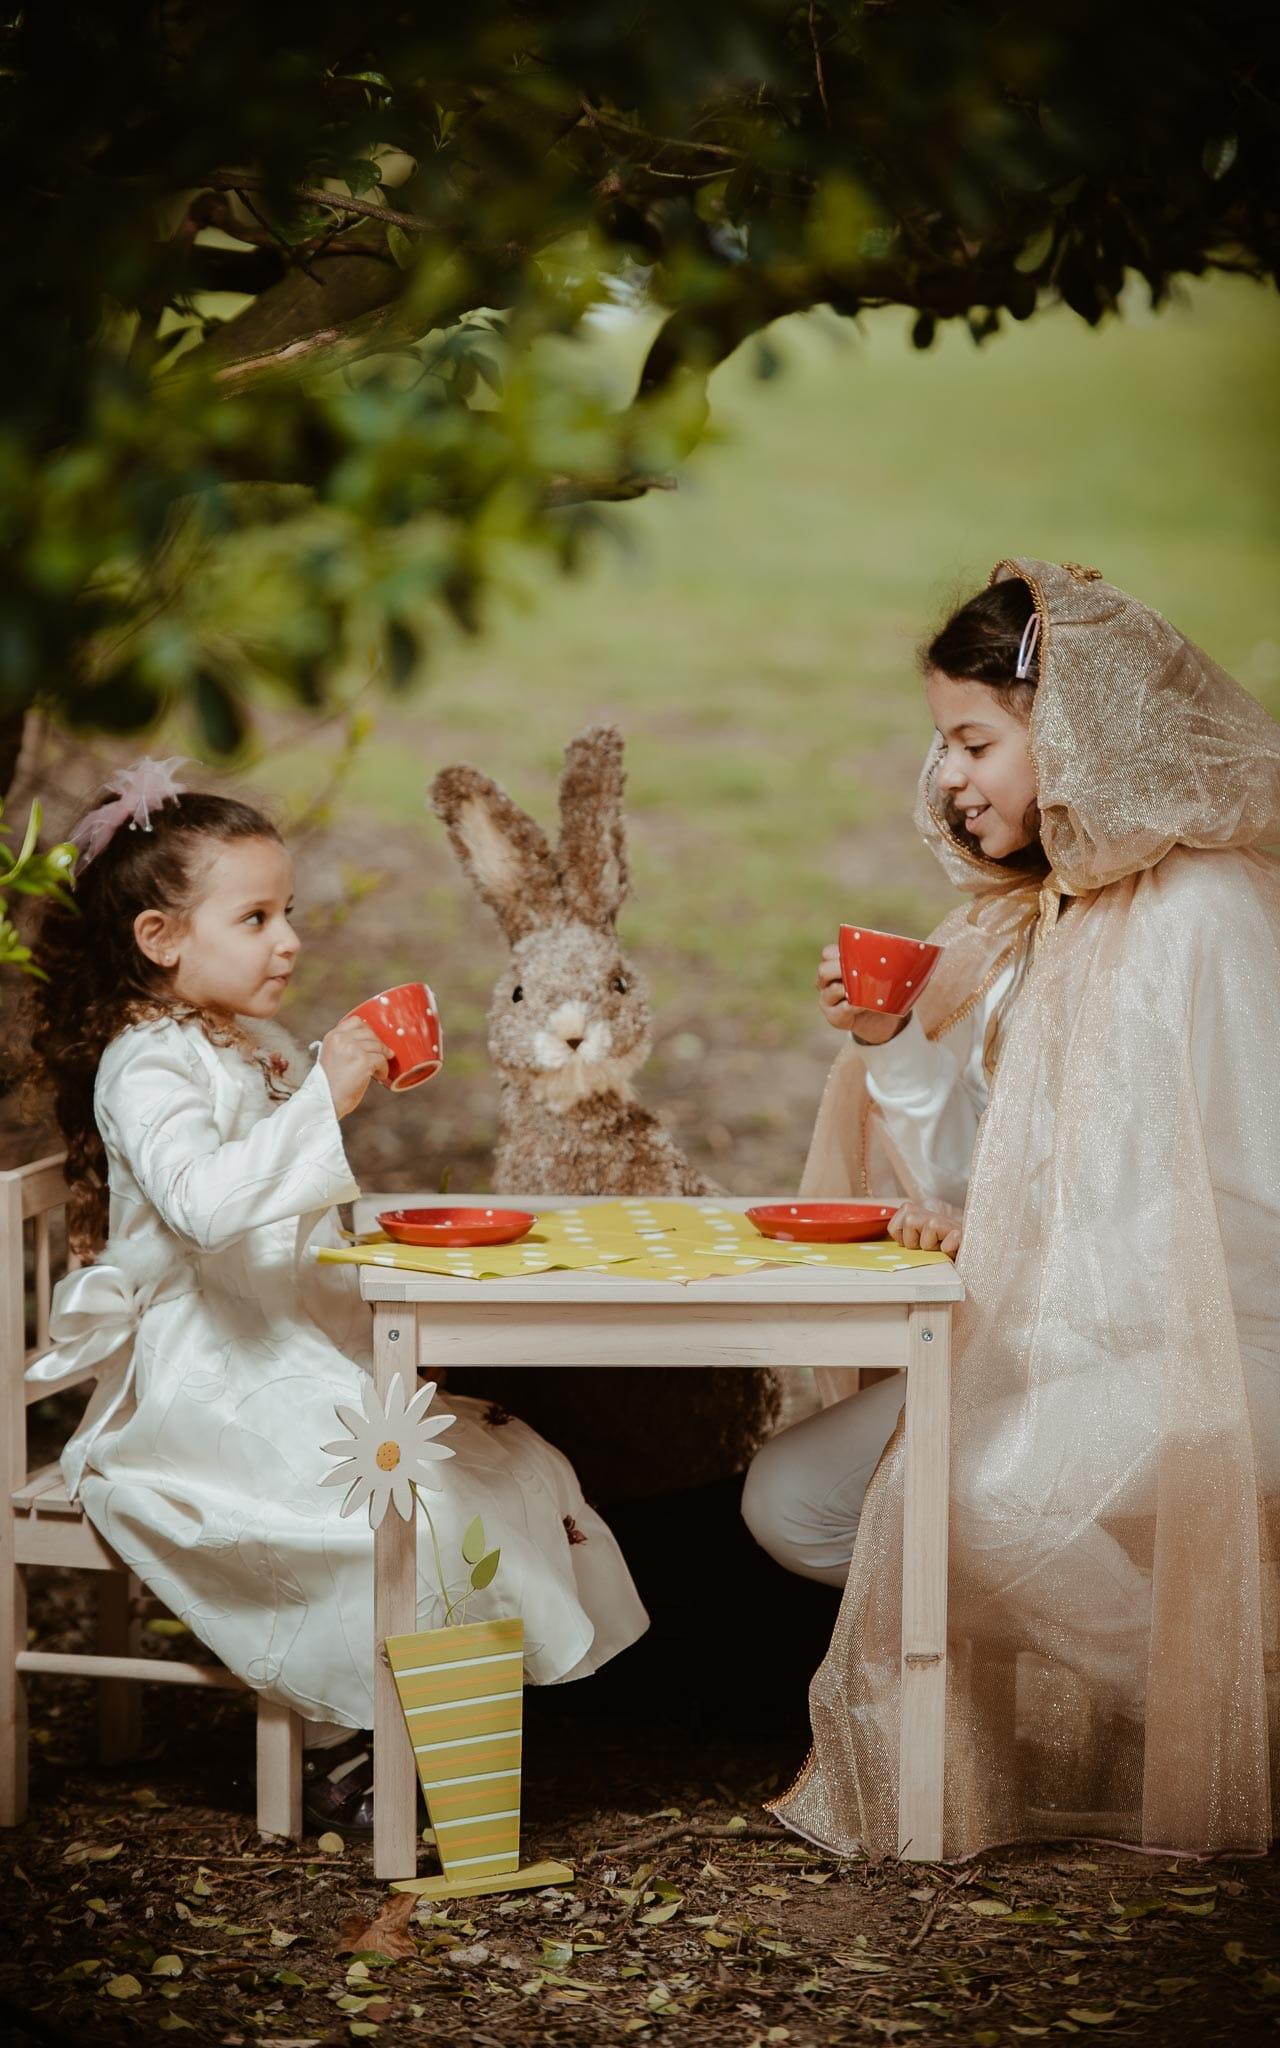 Séance photo lifestyle de famille d'un papa et des deux filles en région parisienne à bry sur marne par Geoffrey Arnoldy photographe